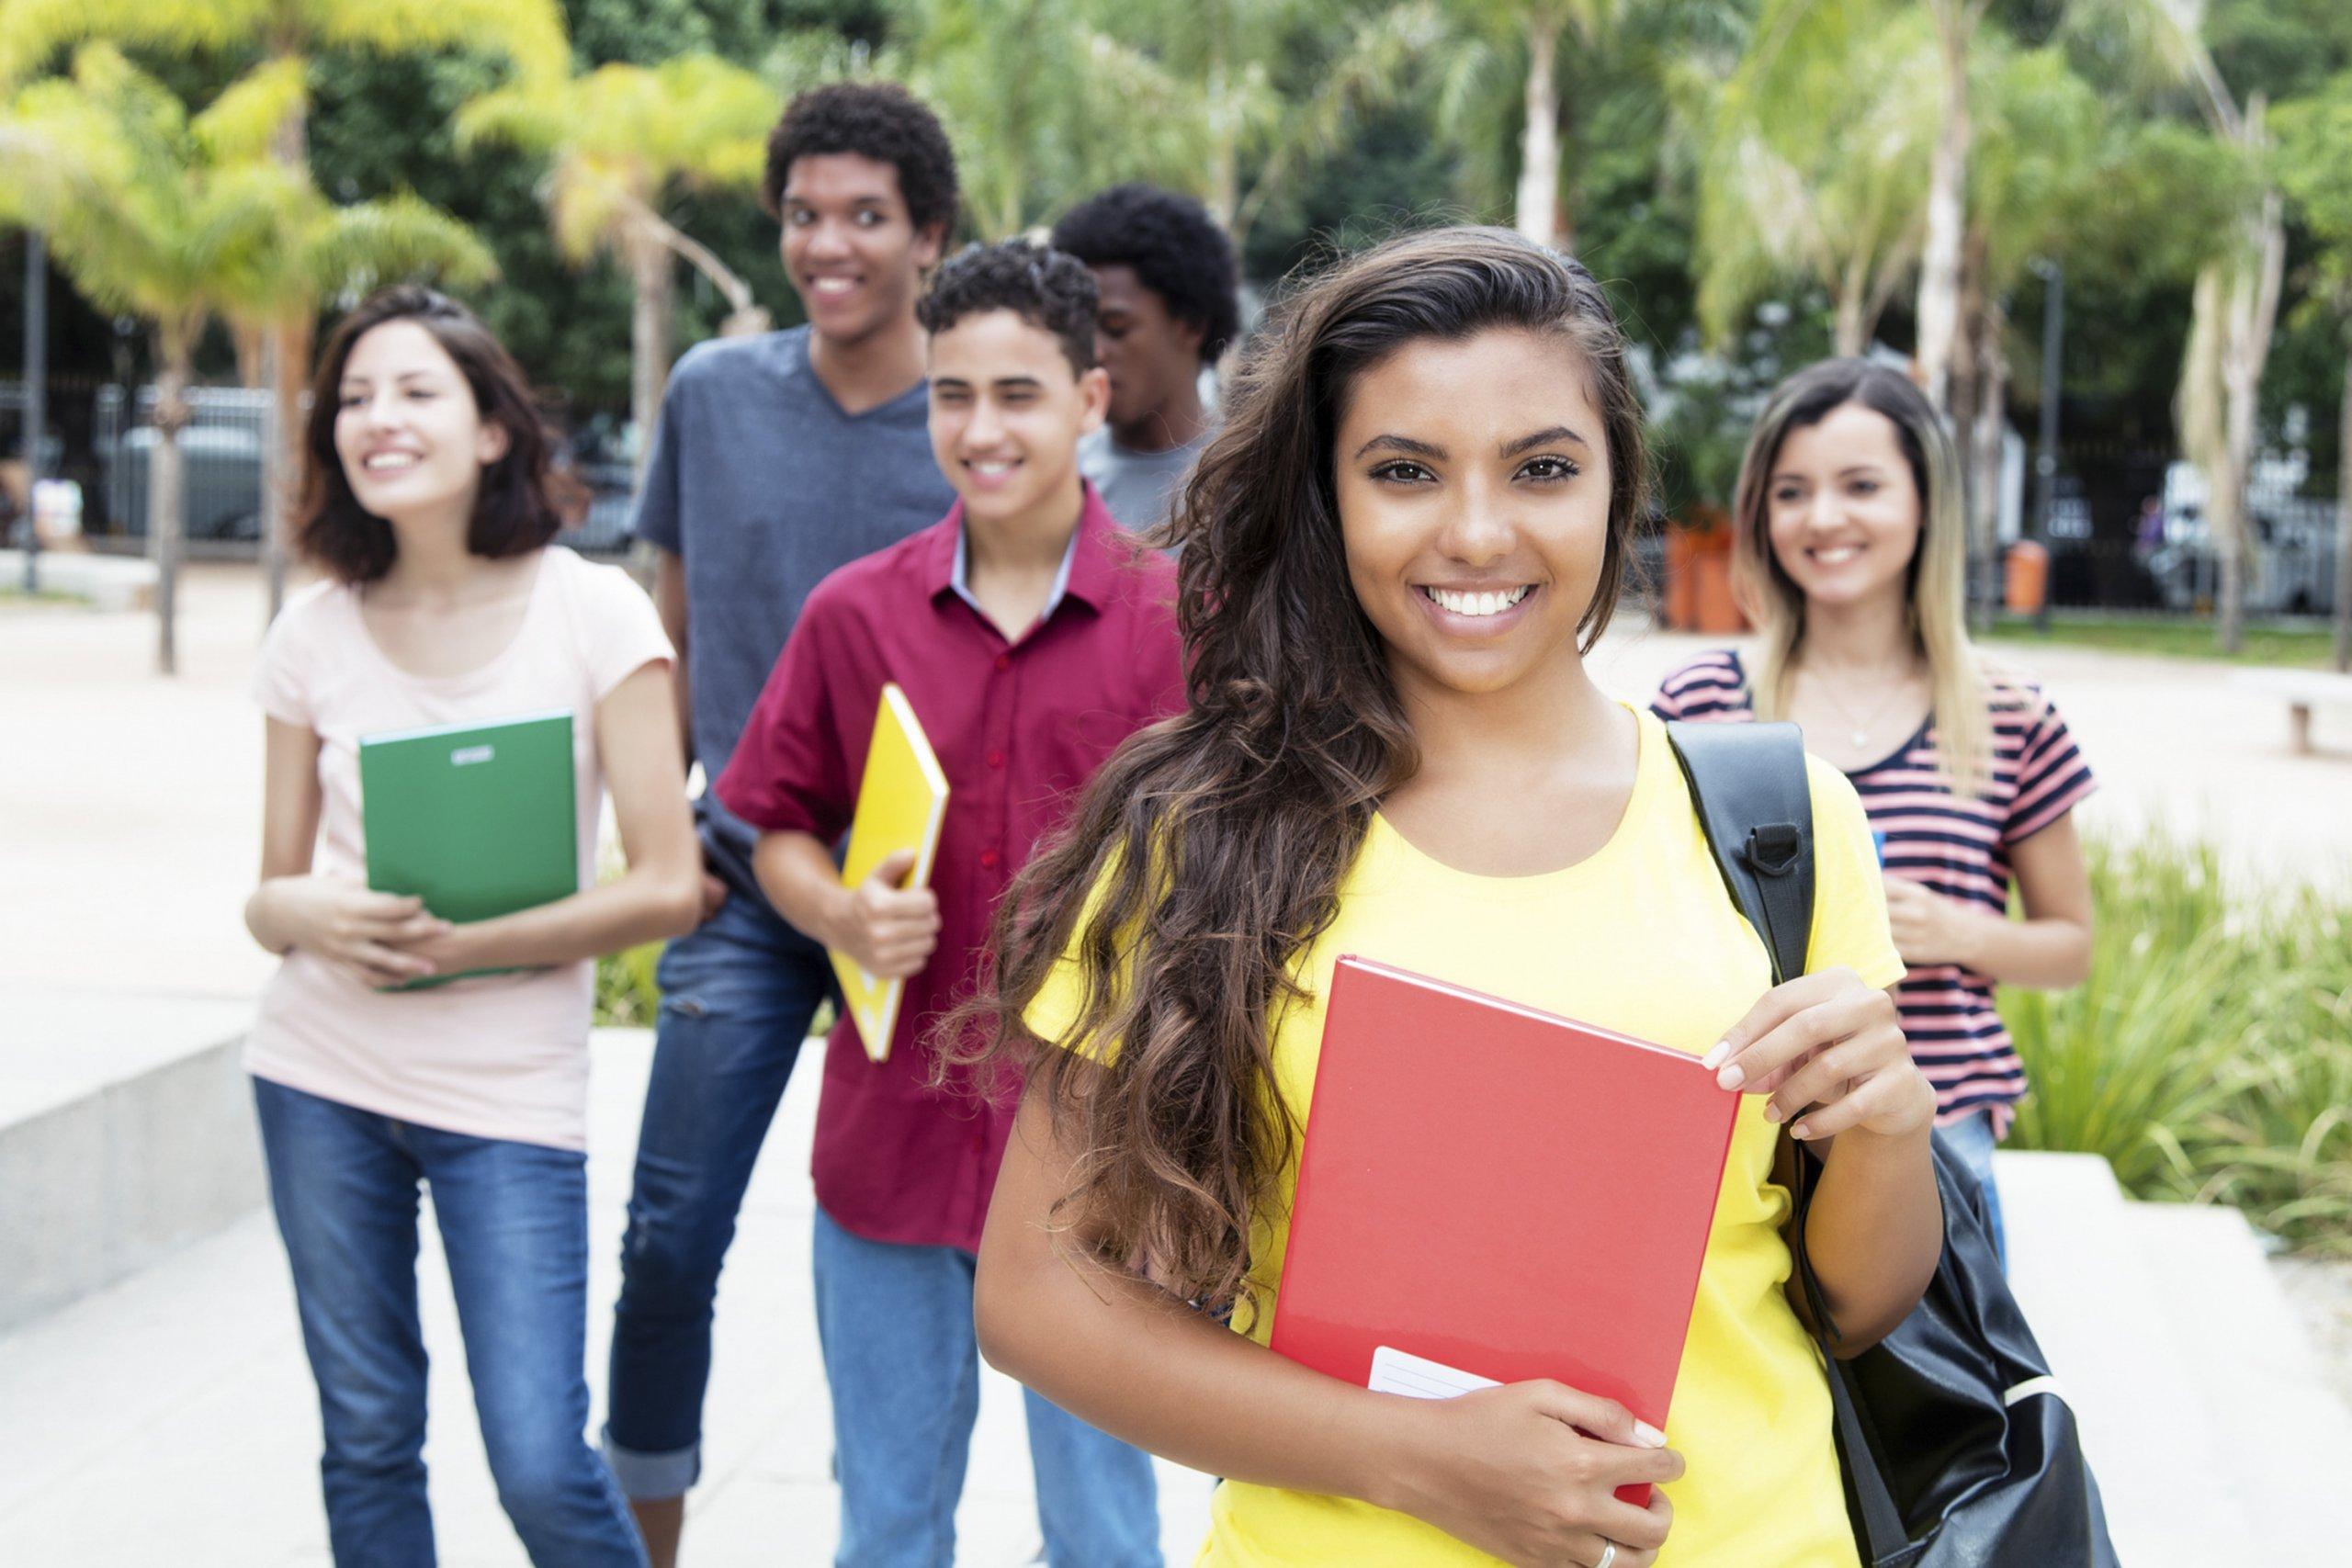 Jovem Aprendiz Atacadão – faça o cadastro de currículo online